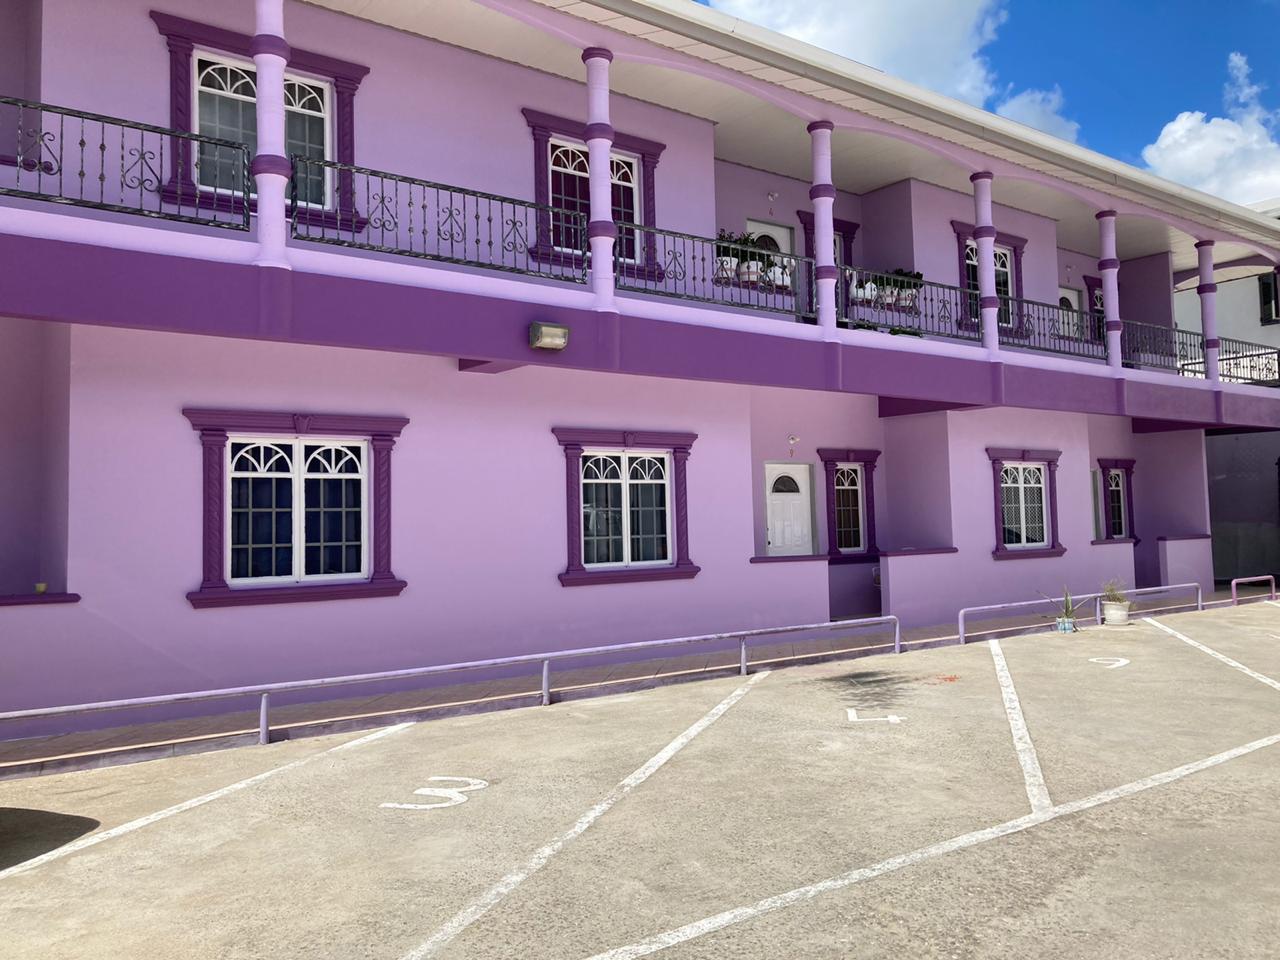 Aranguez 2 Bedroom Apartment for Rent